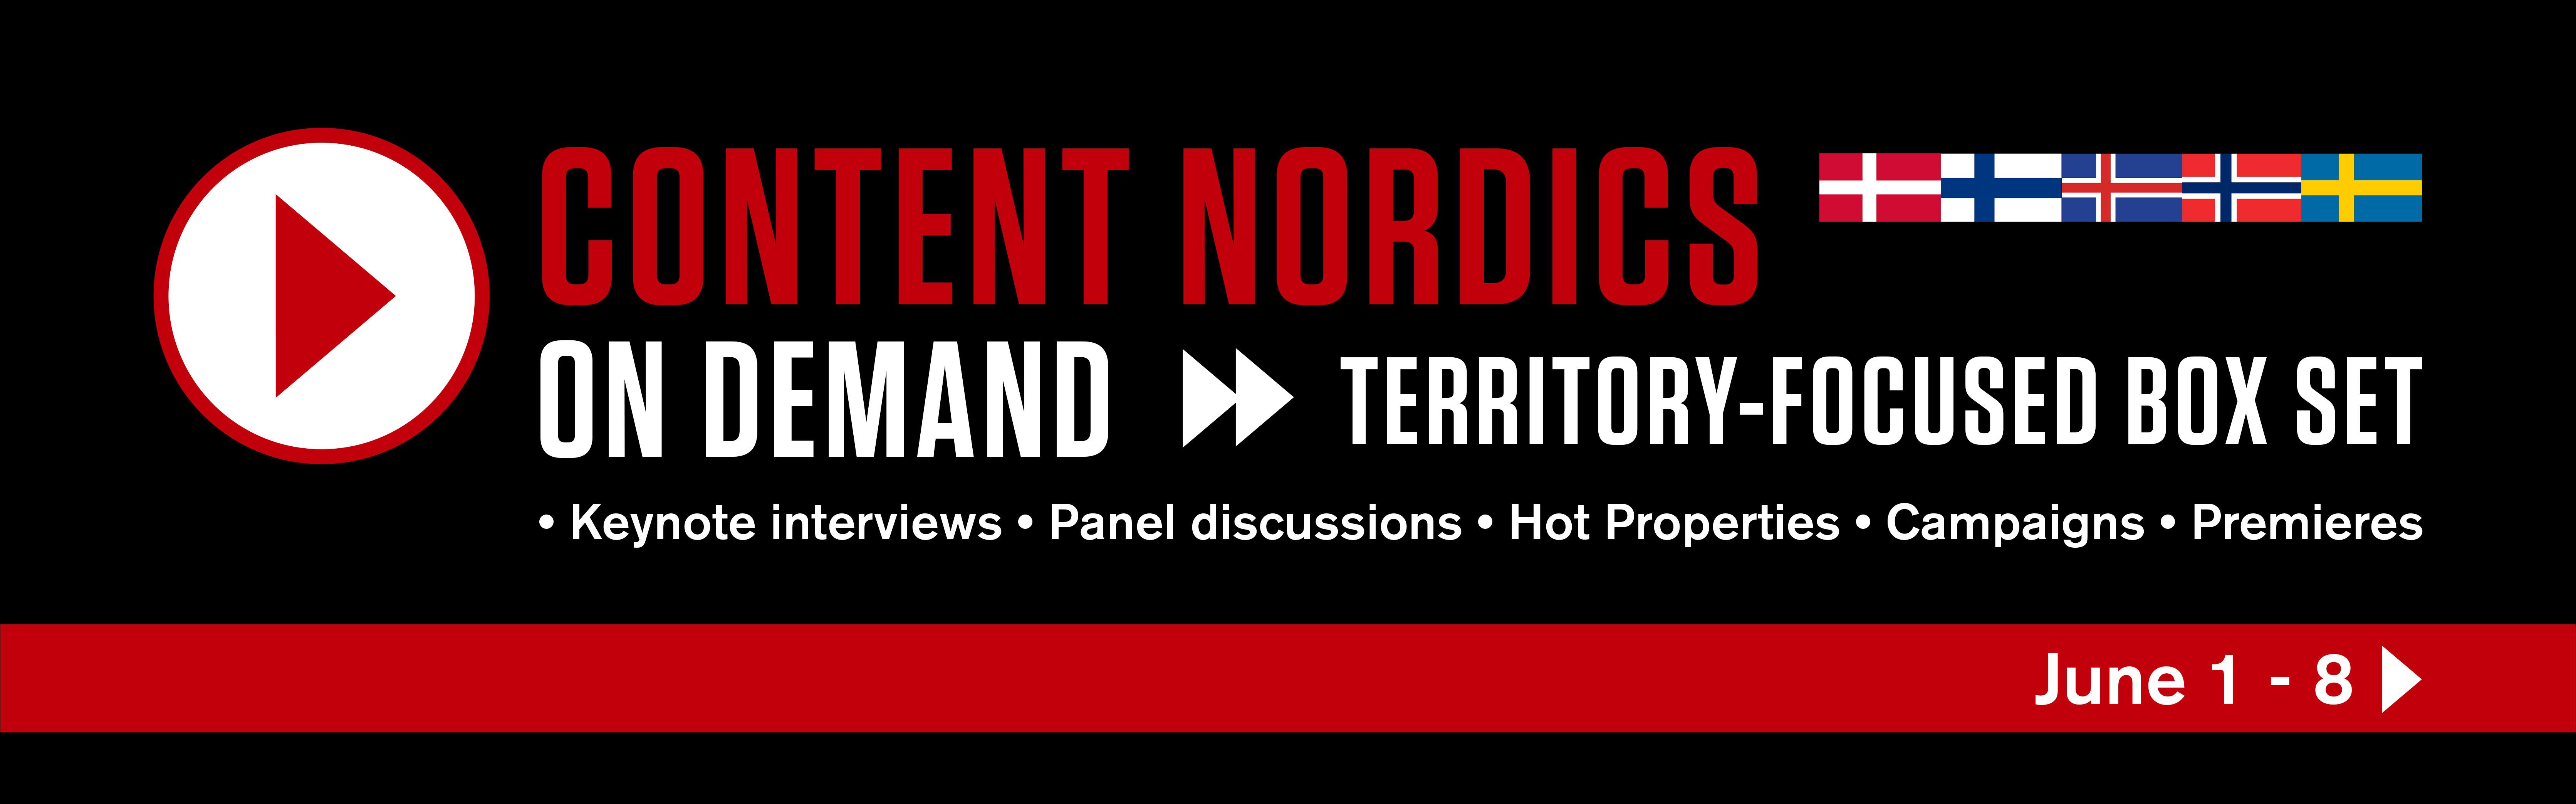 Conent Nordics On Demand